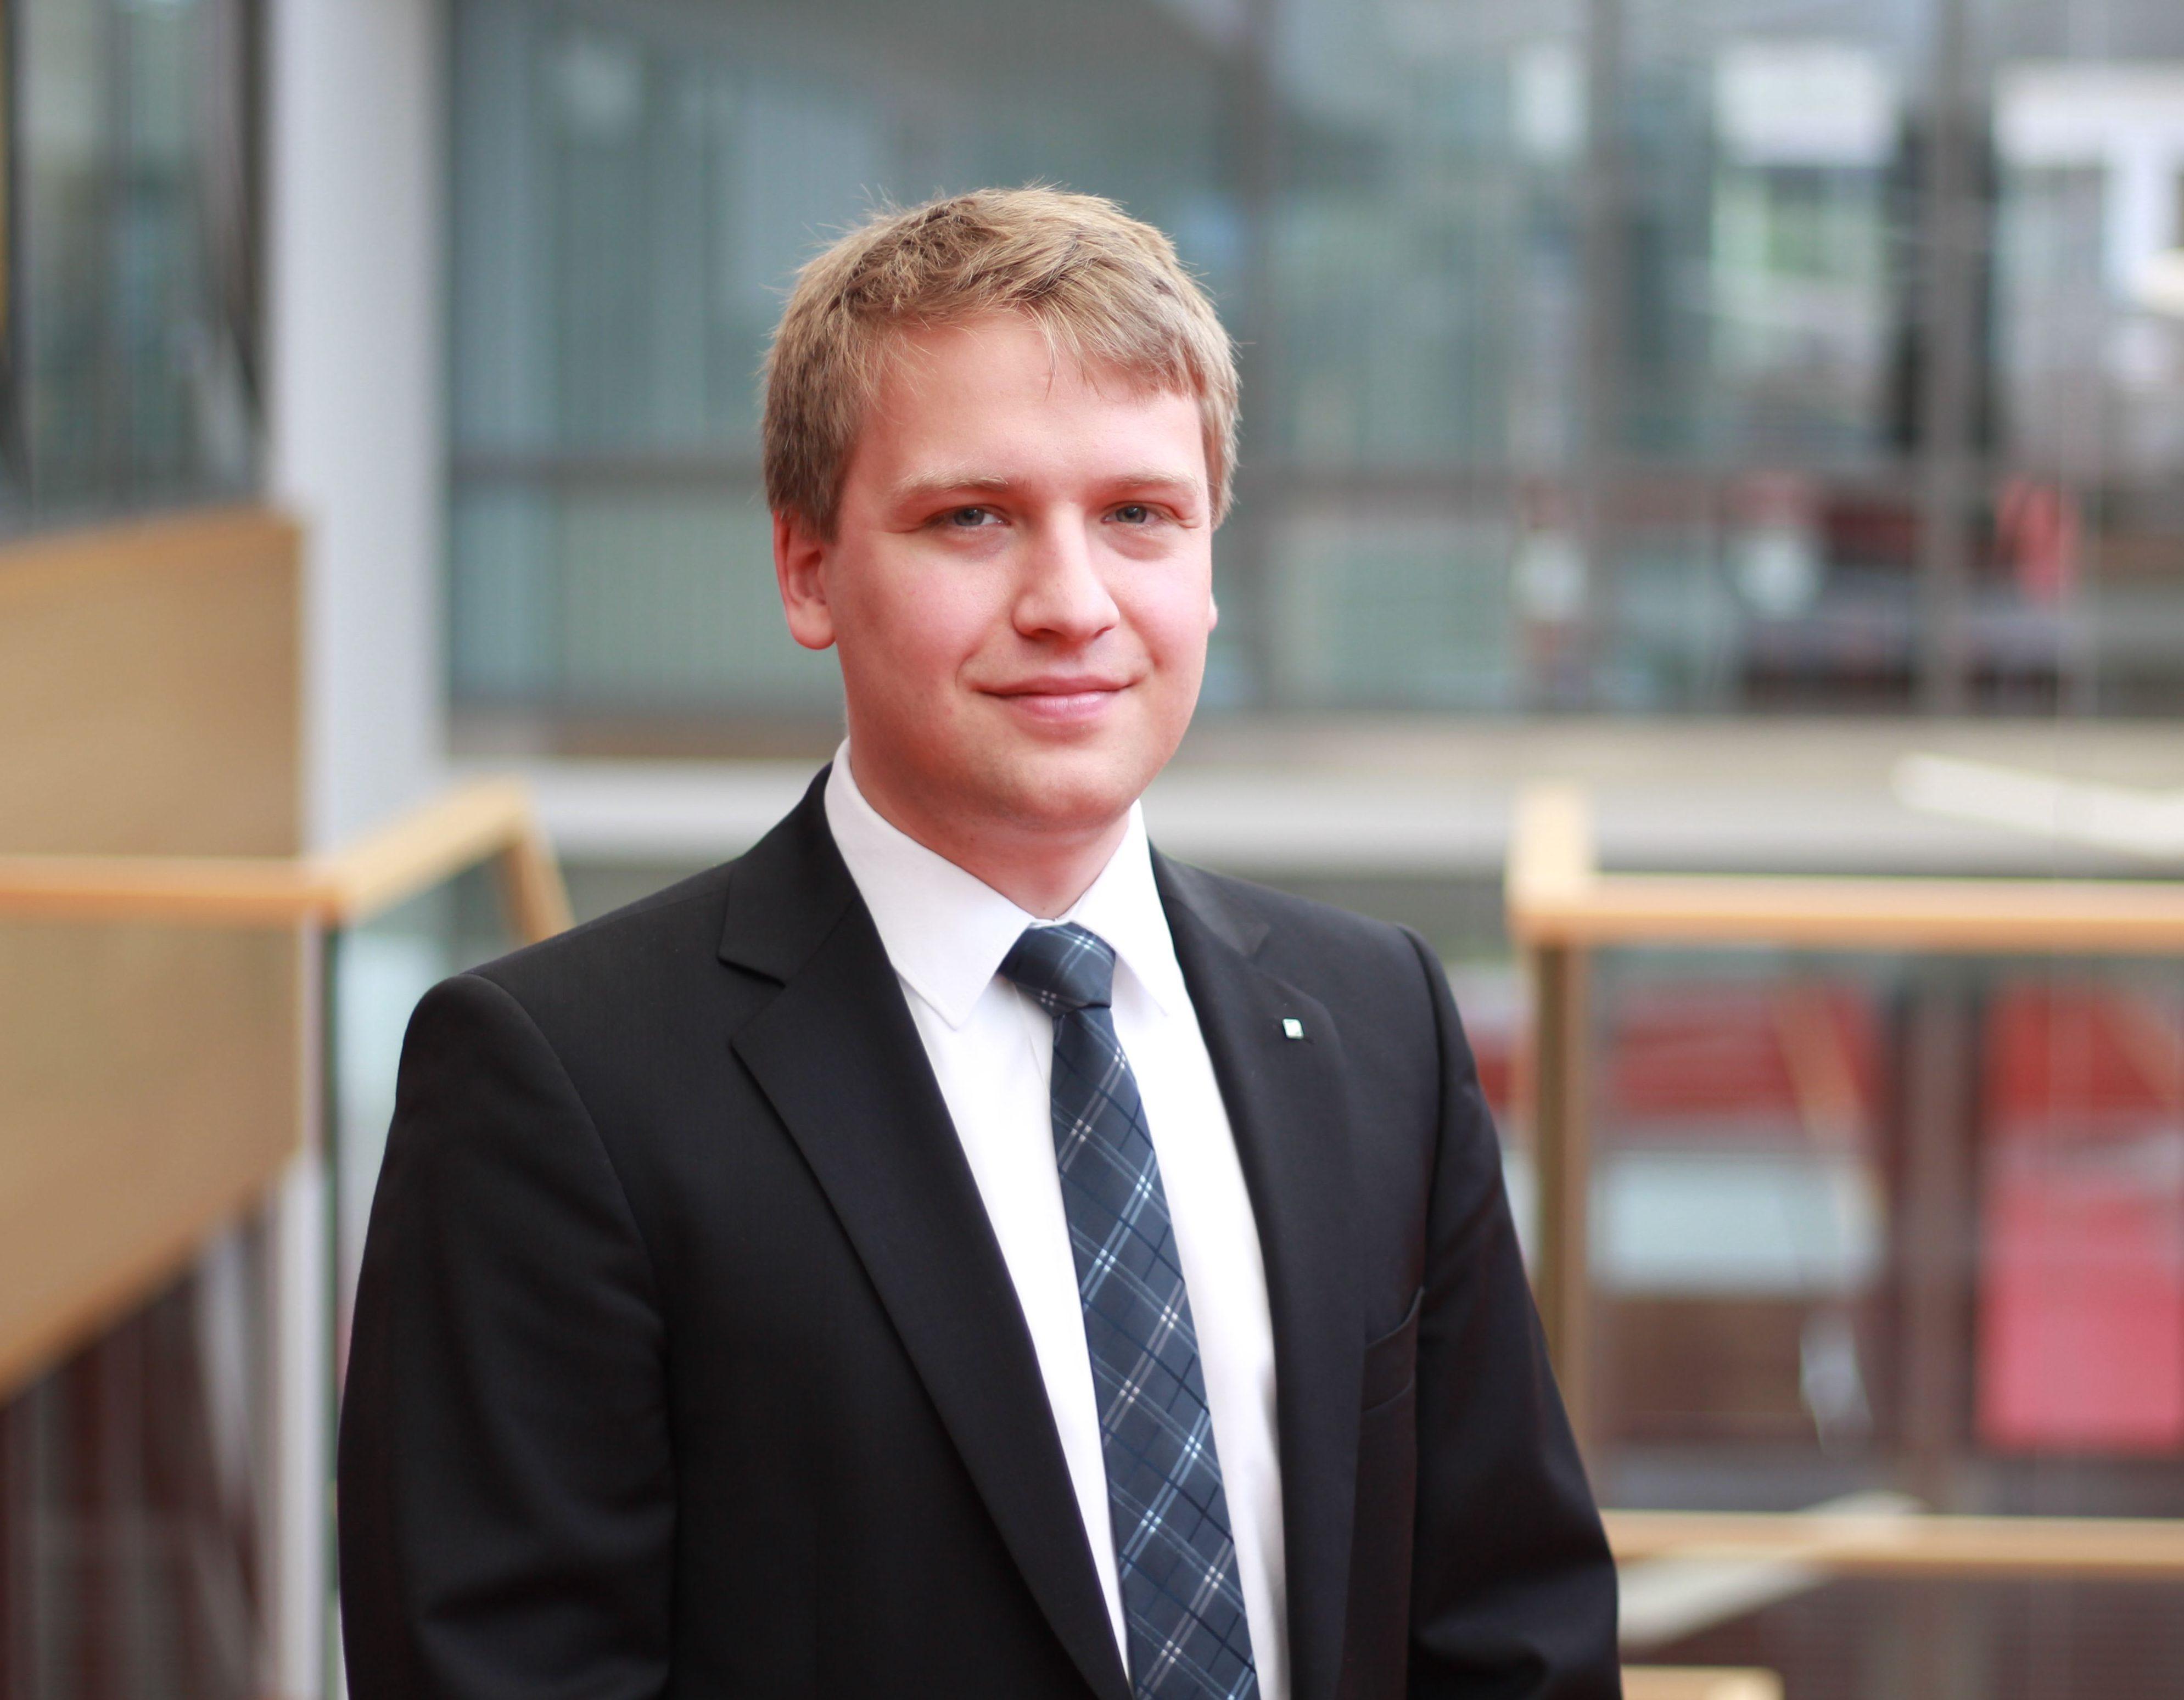 Harry Fast M.A. ist wissenschaftlicher Mitarbeiter und Entwickler des neuen INAcarry Systems.